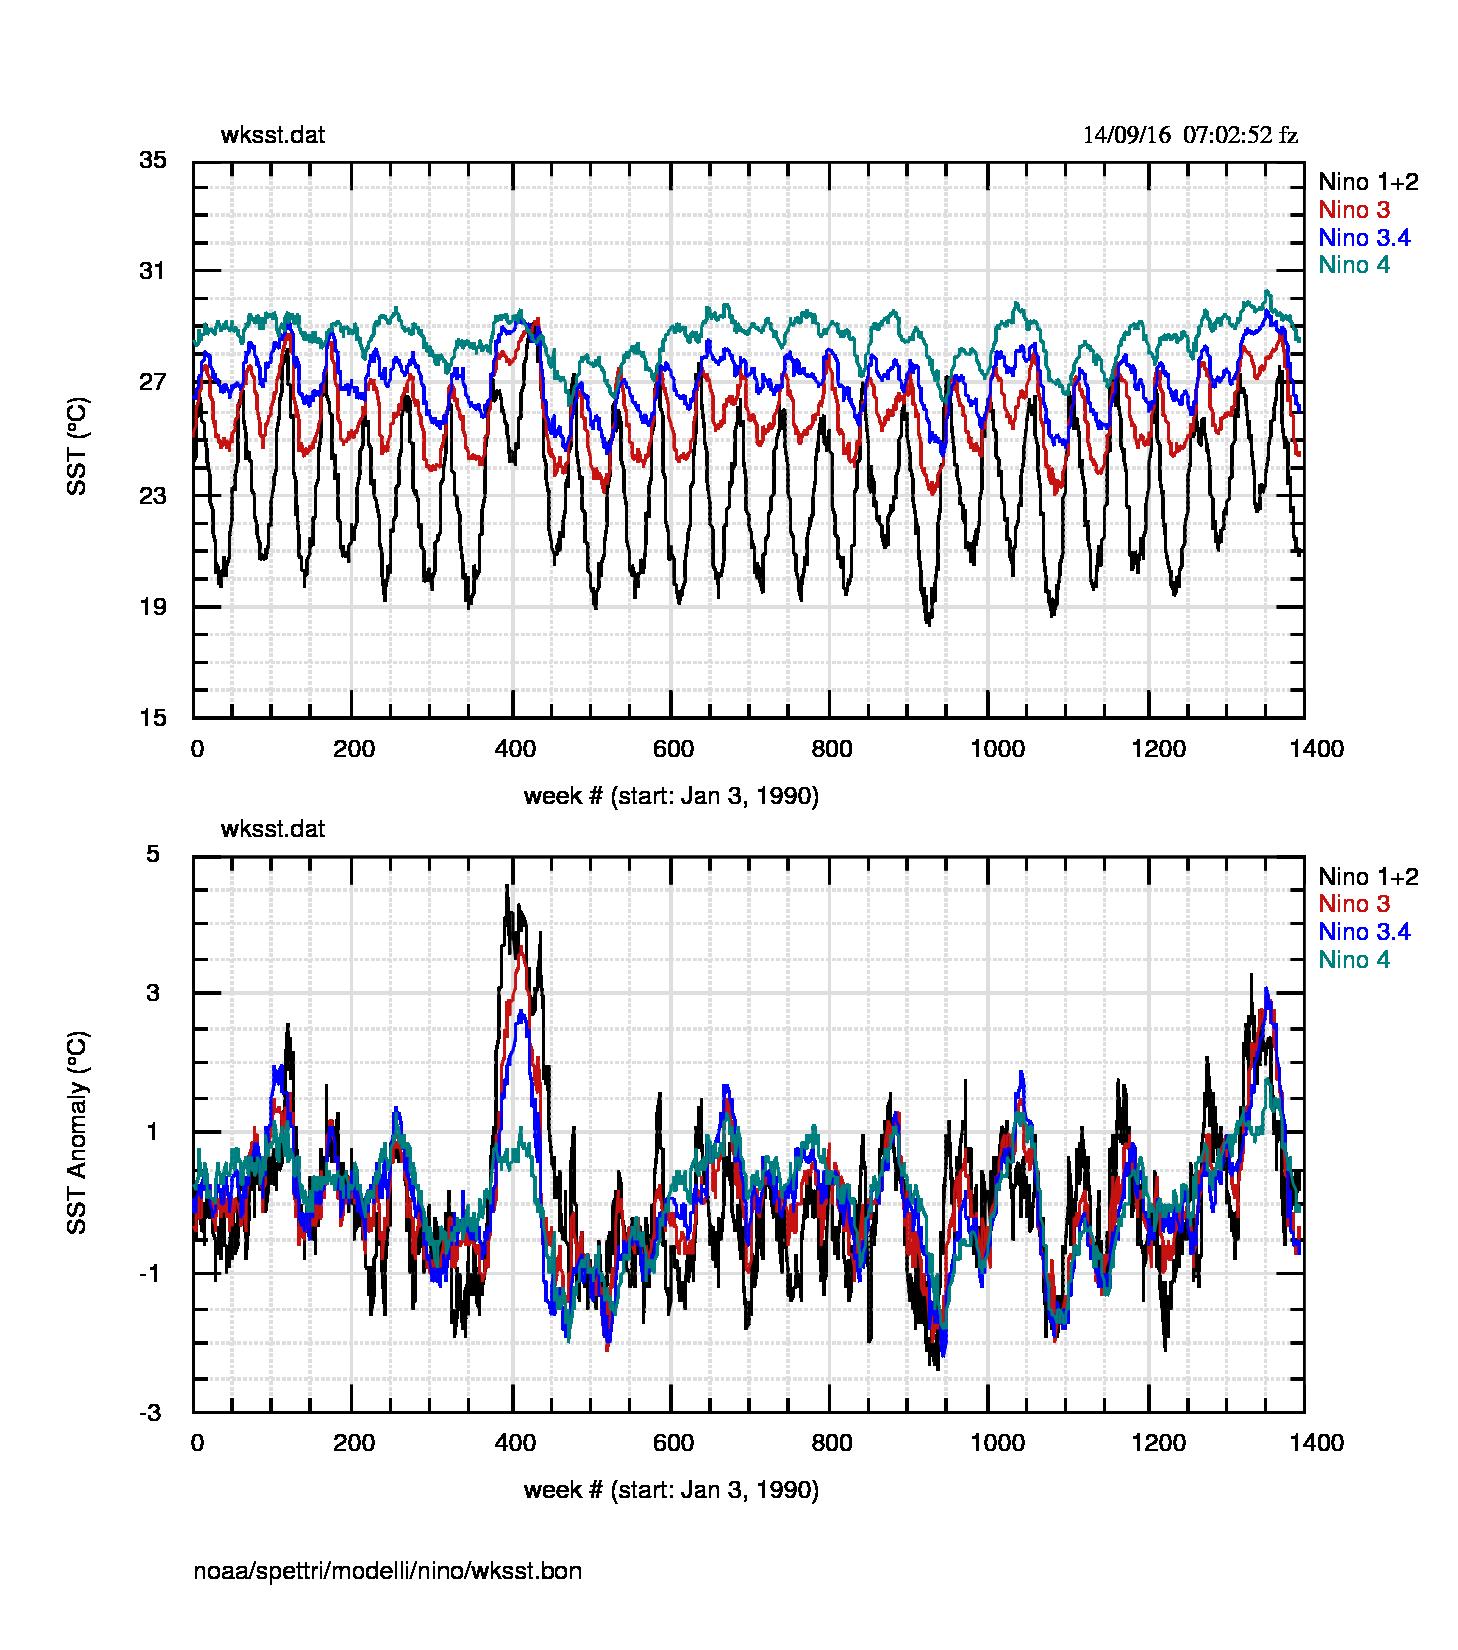 Fig.2: SST settimanali nelle 4 regioni. Notare come l'evento 2015-16 (settimana 400) sia superiore a quello 1997-98 (settimana 1350) nelle regioni 3.4 e 4 ma non nelle altre.